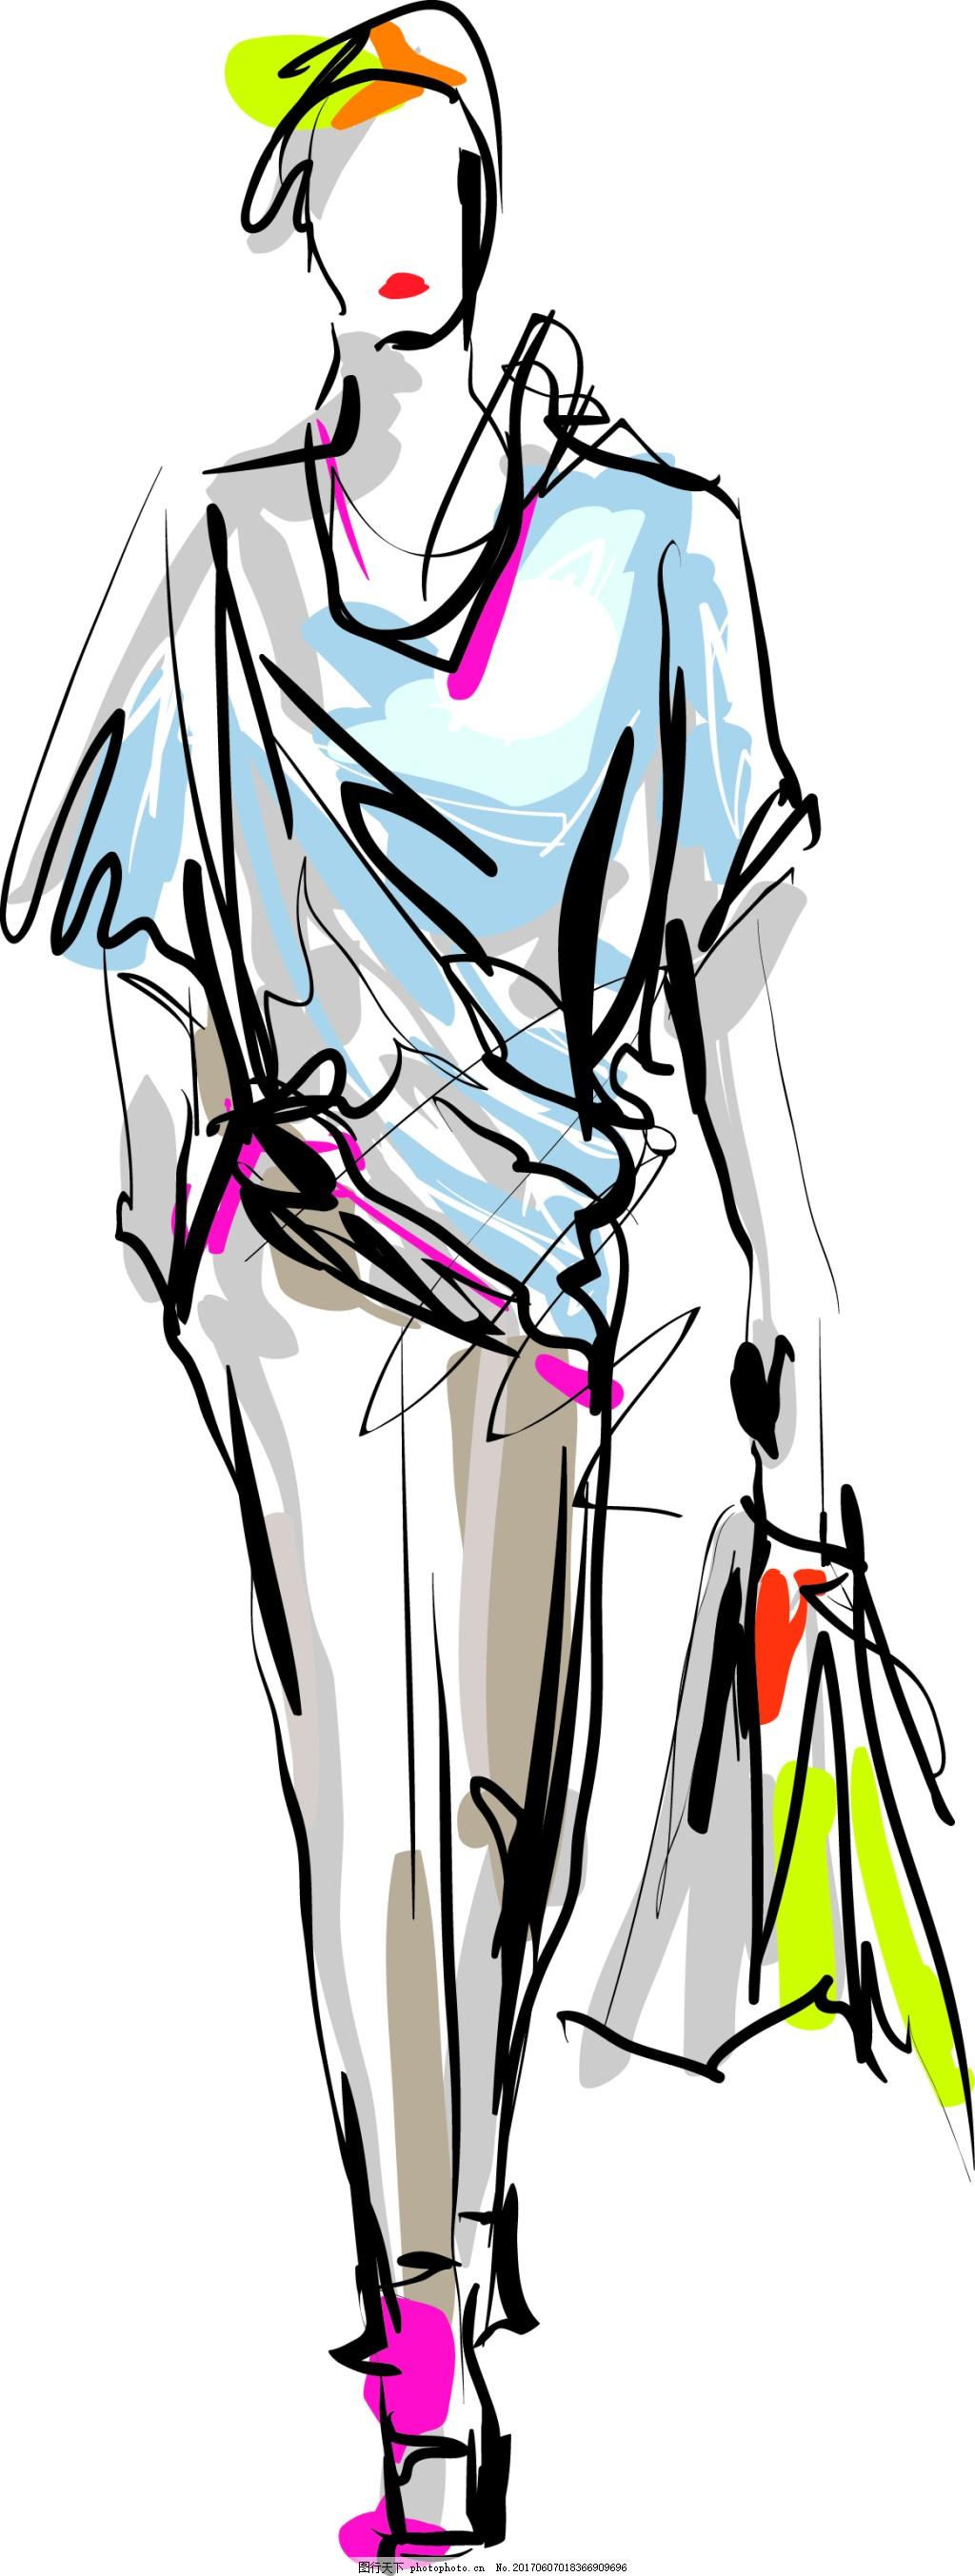 时尚人物插画 手绘 速写 时装 模特